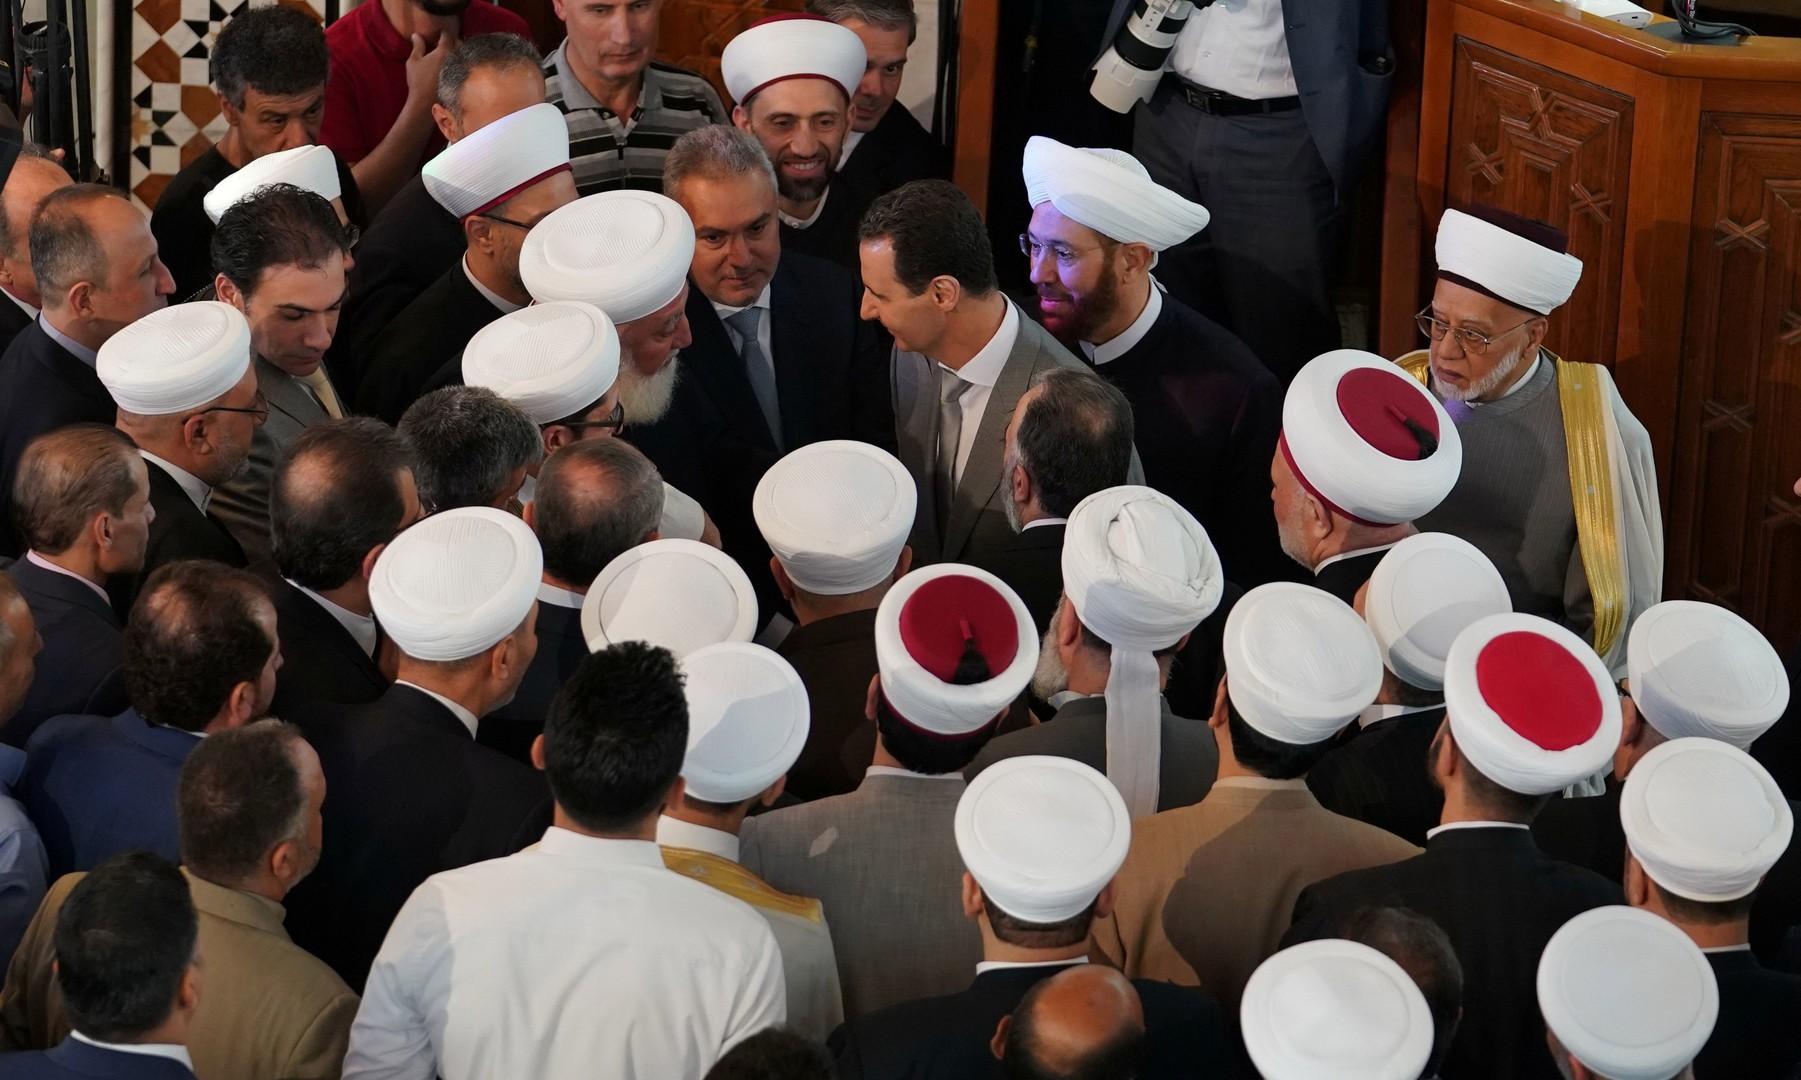 صورة نادرة للرئيس السوري بشار الأسد